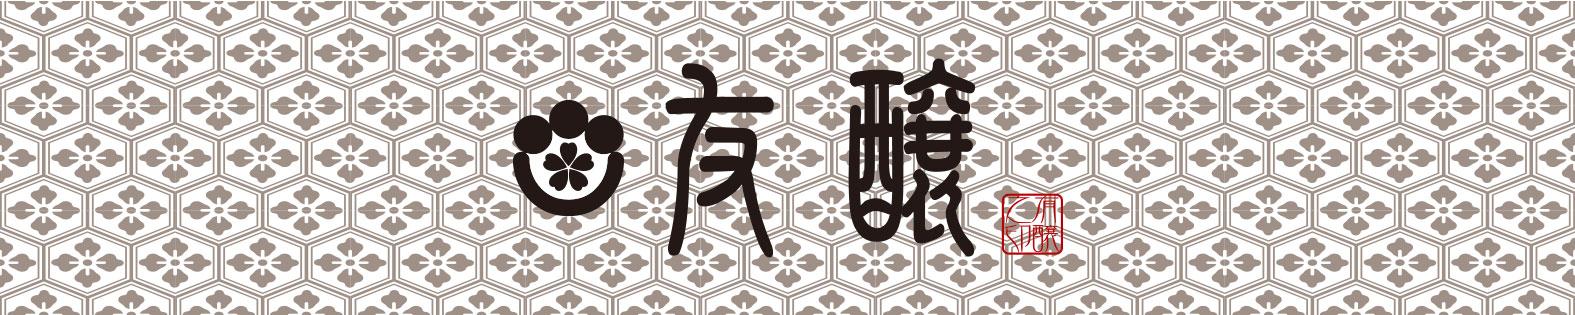 【日本酒】 鏡山 濁おりがらみ 純米吟醸 無濾過生原酒 吟吹雪50 限定 新酒25BY_e0173738_10293759.jpg